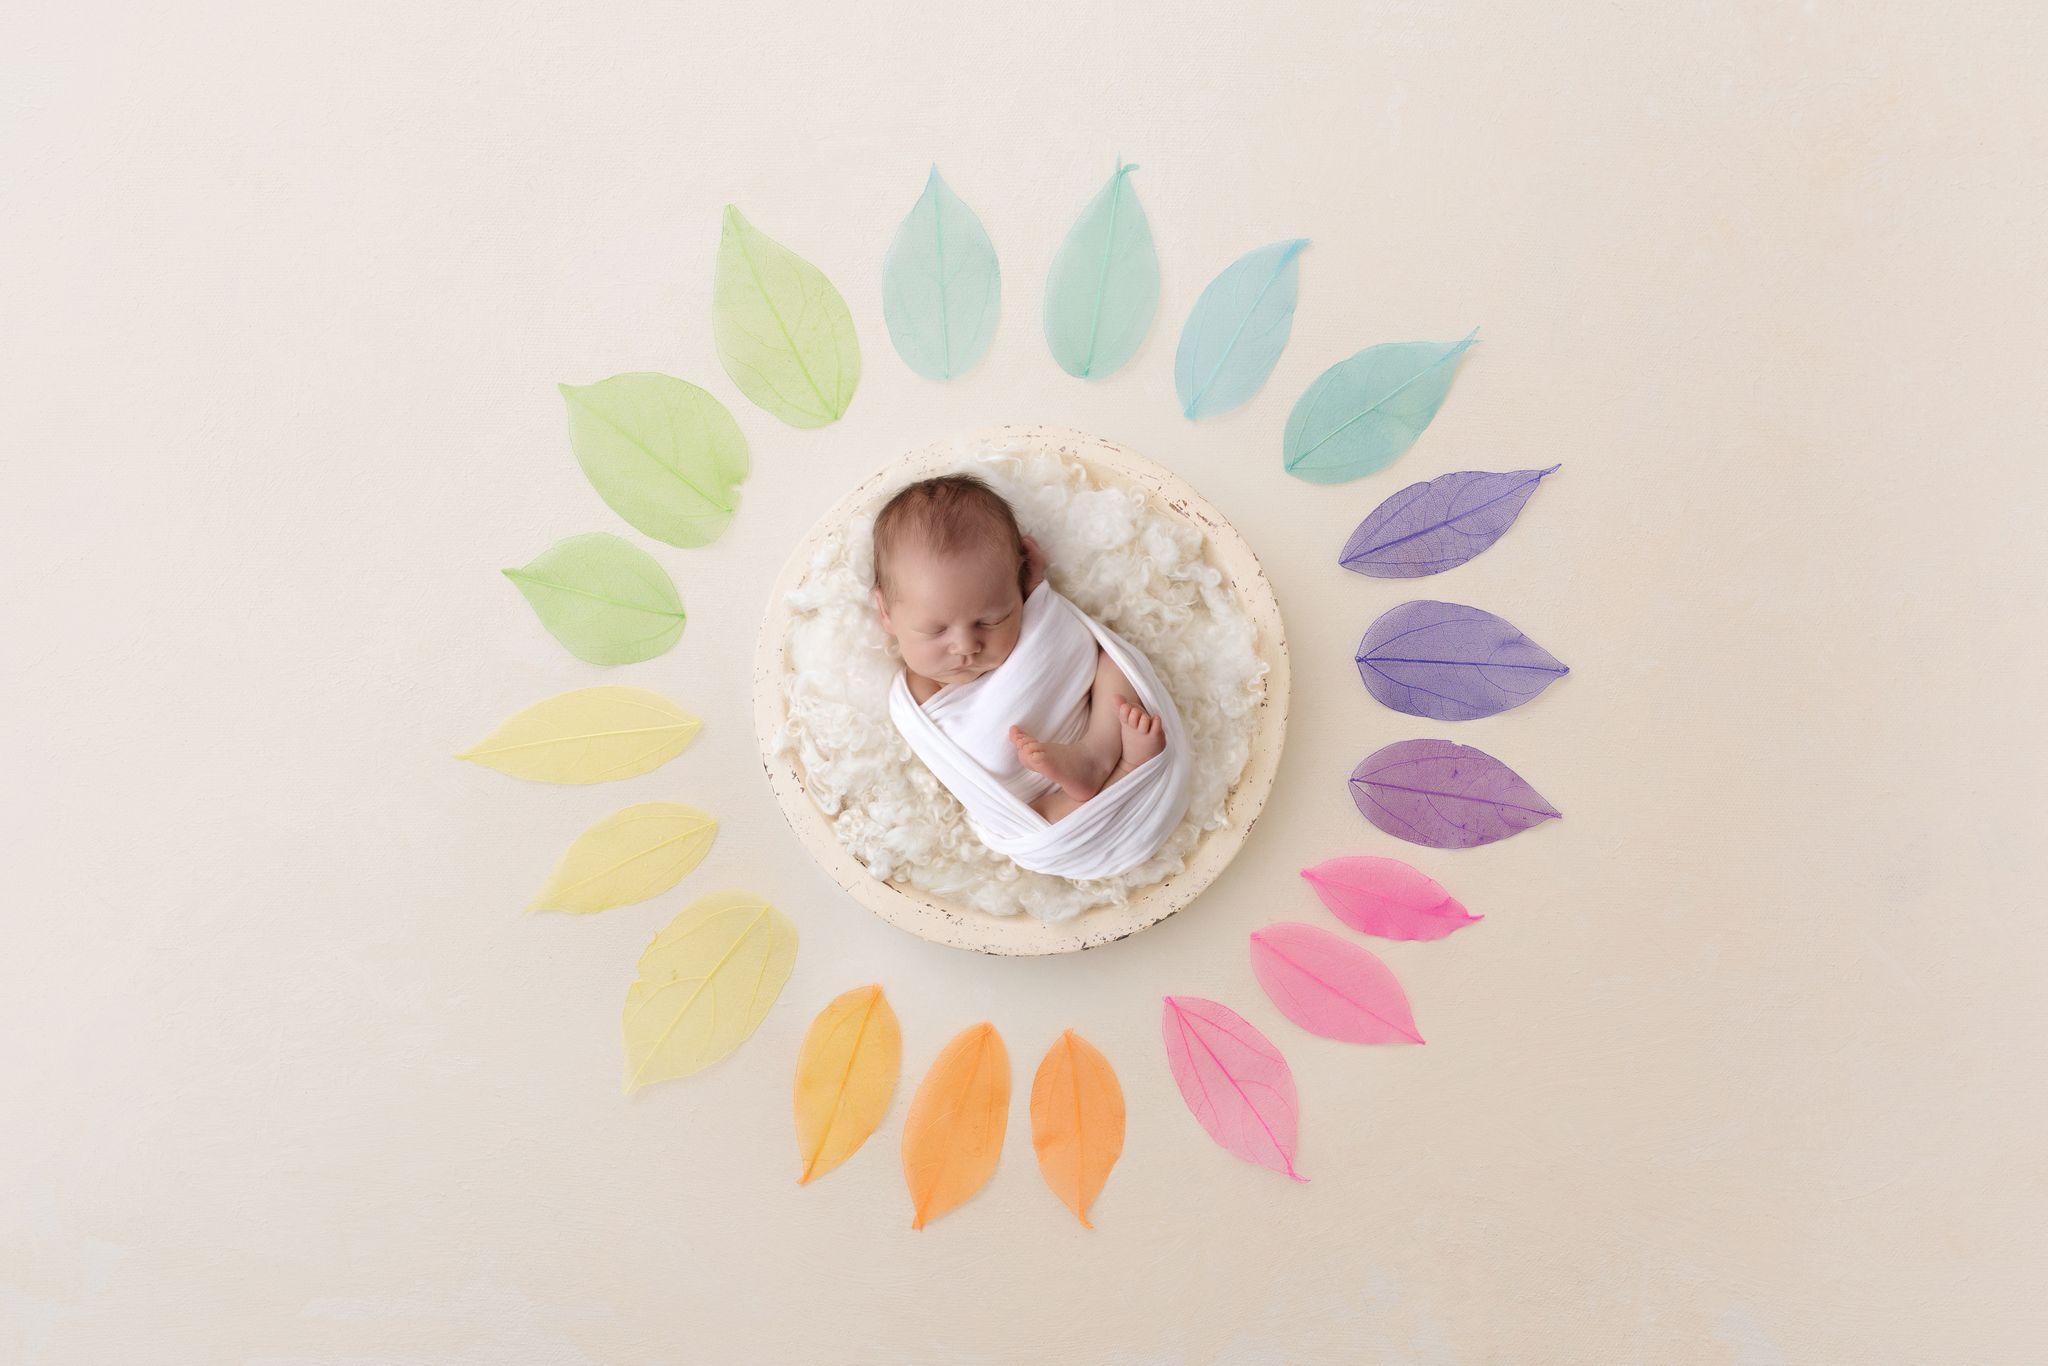 Baby umhüllt von Blättern in Regenbogenfarben als Titelbild für Regenbogen Galerie